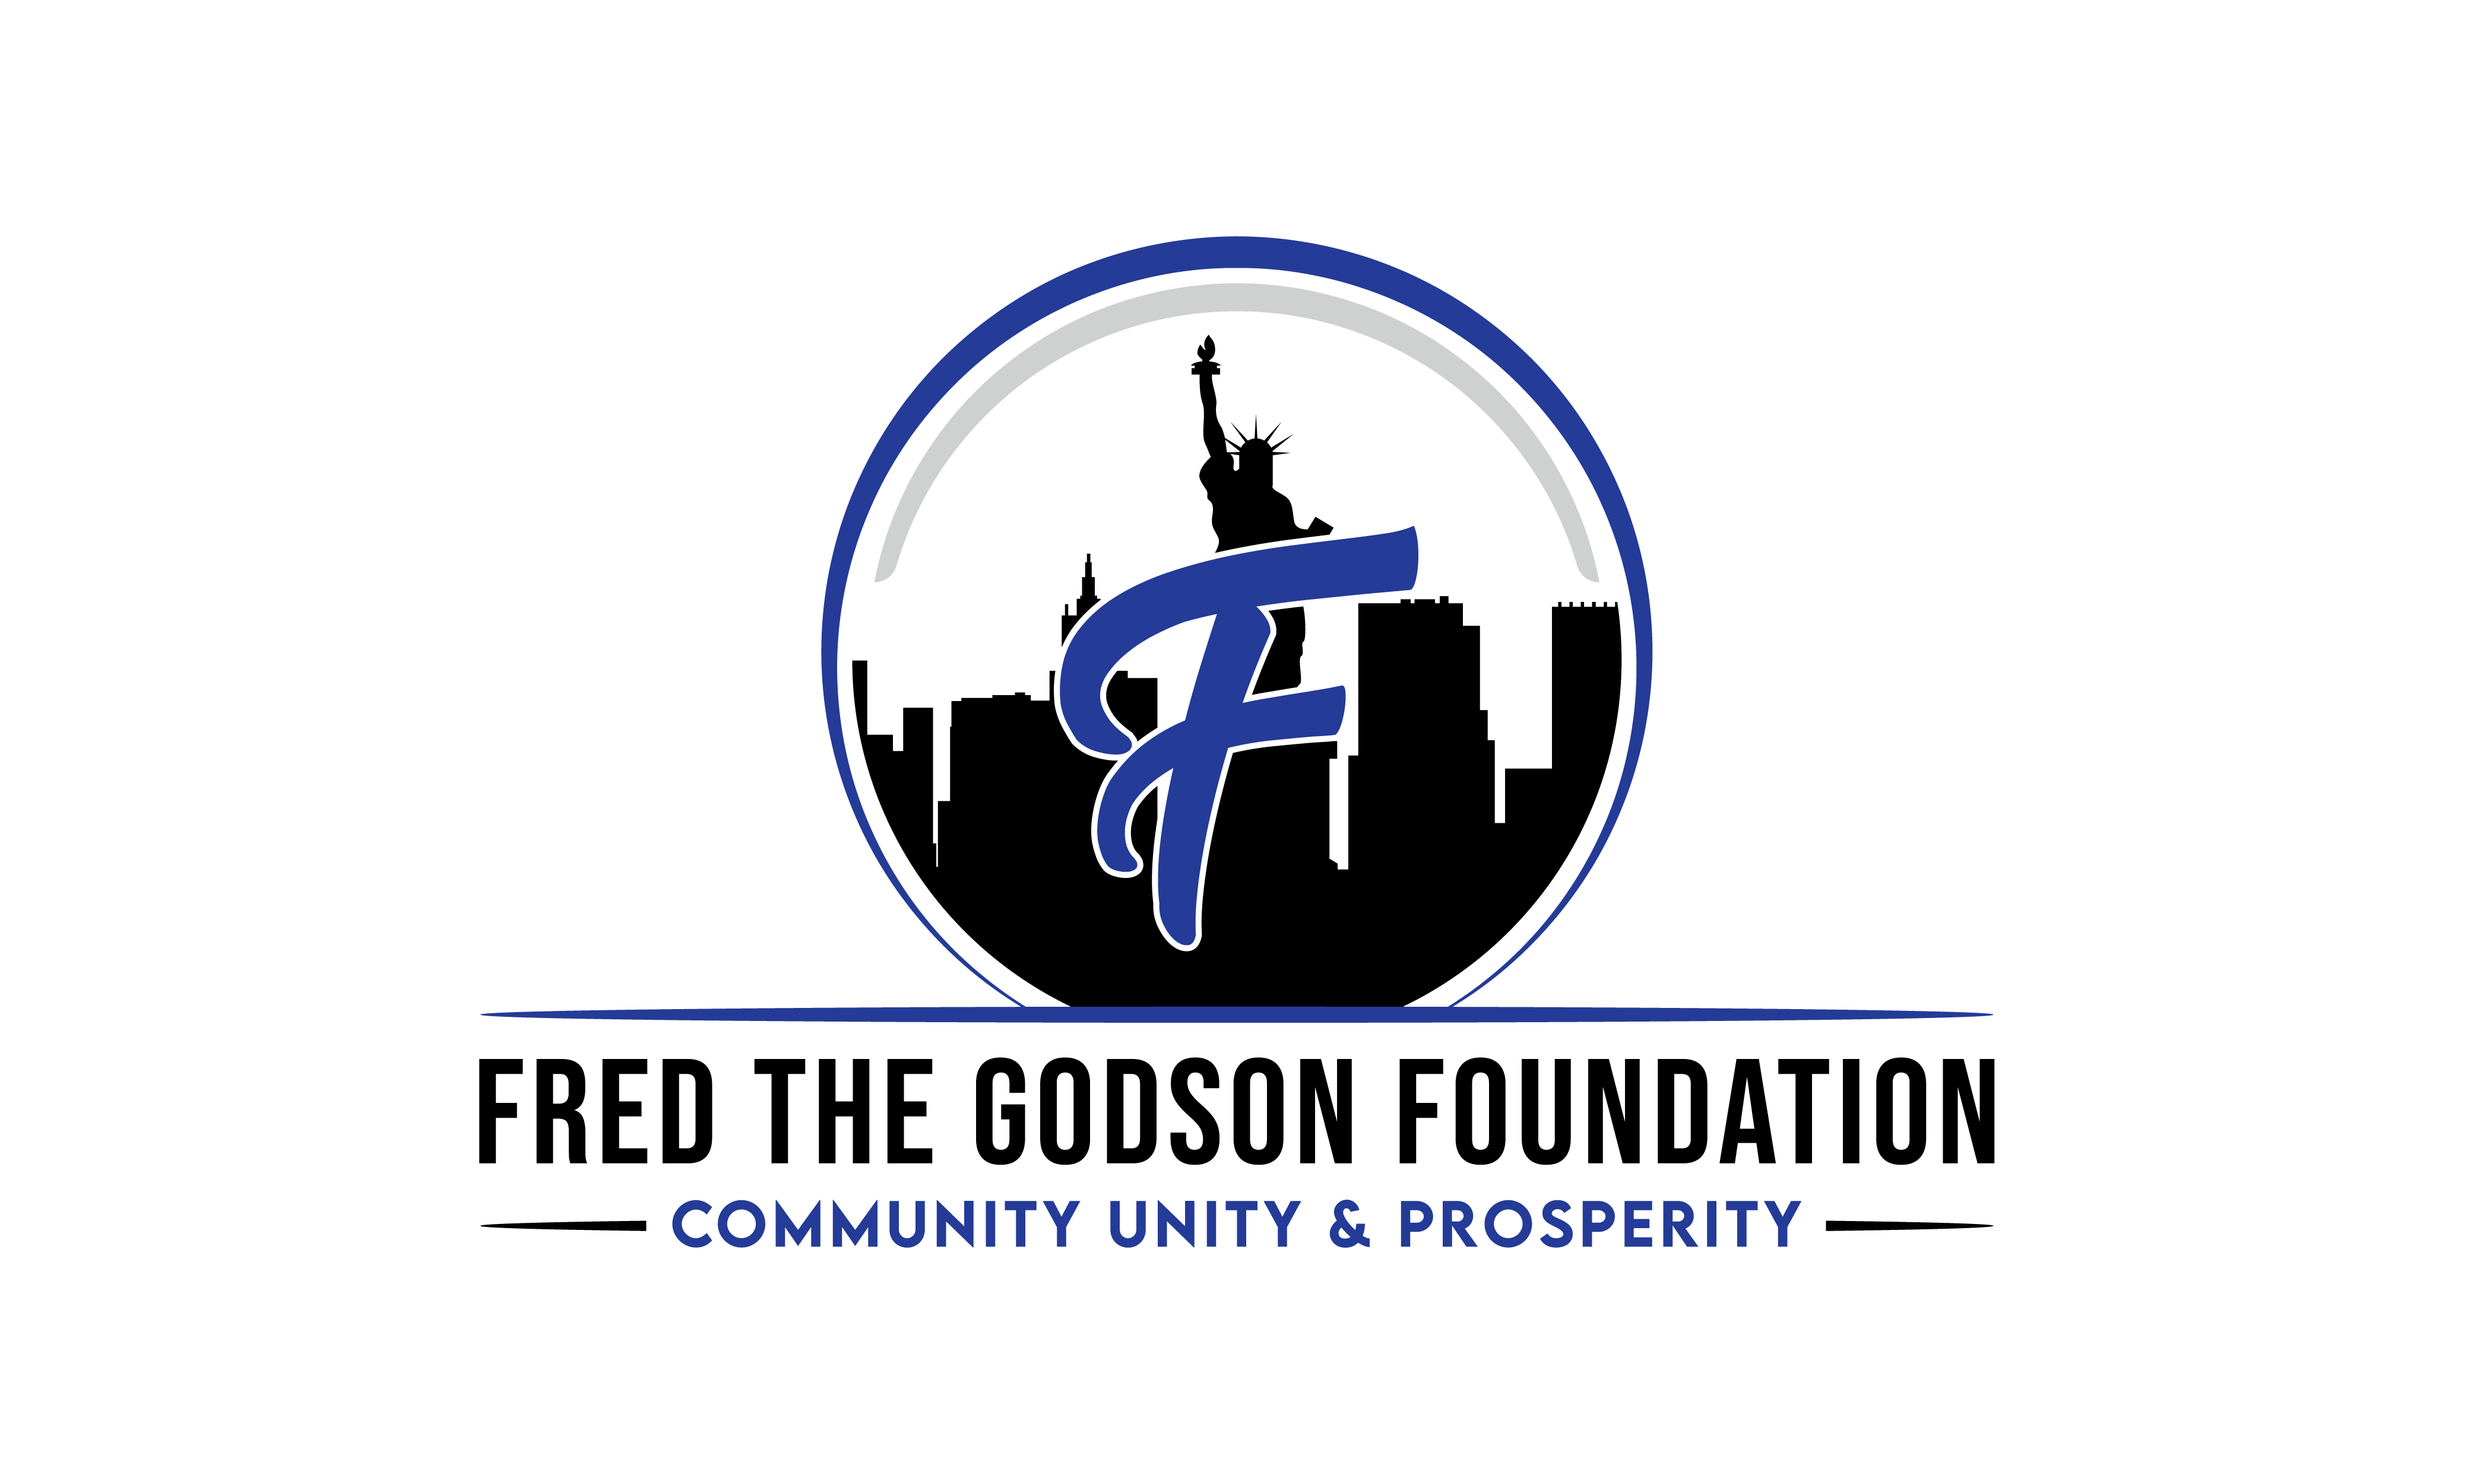 Fred The Godson Foundation